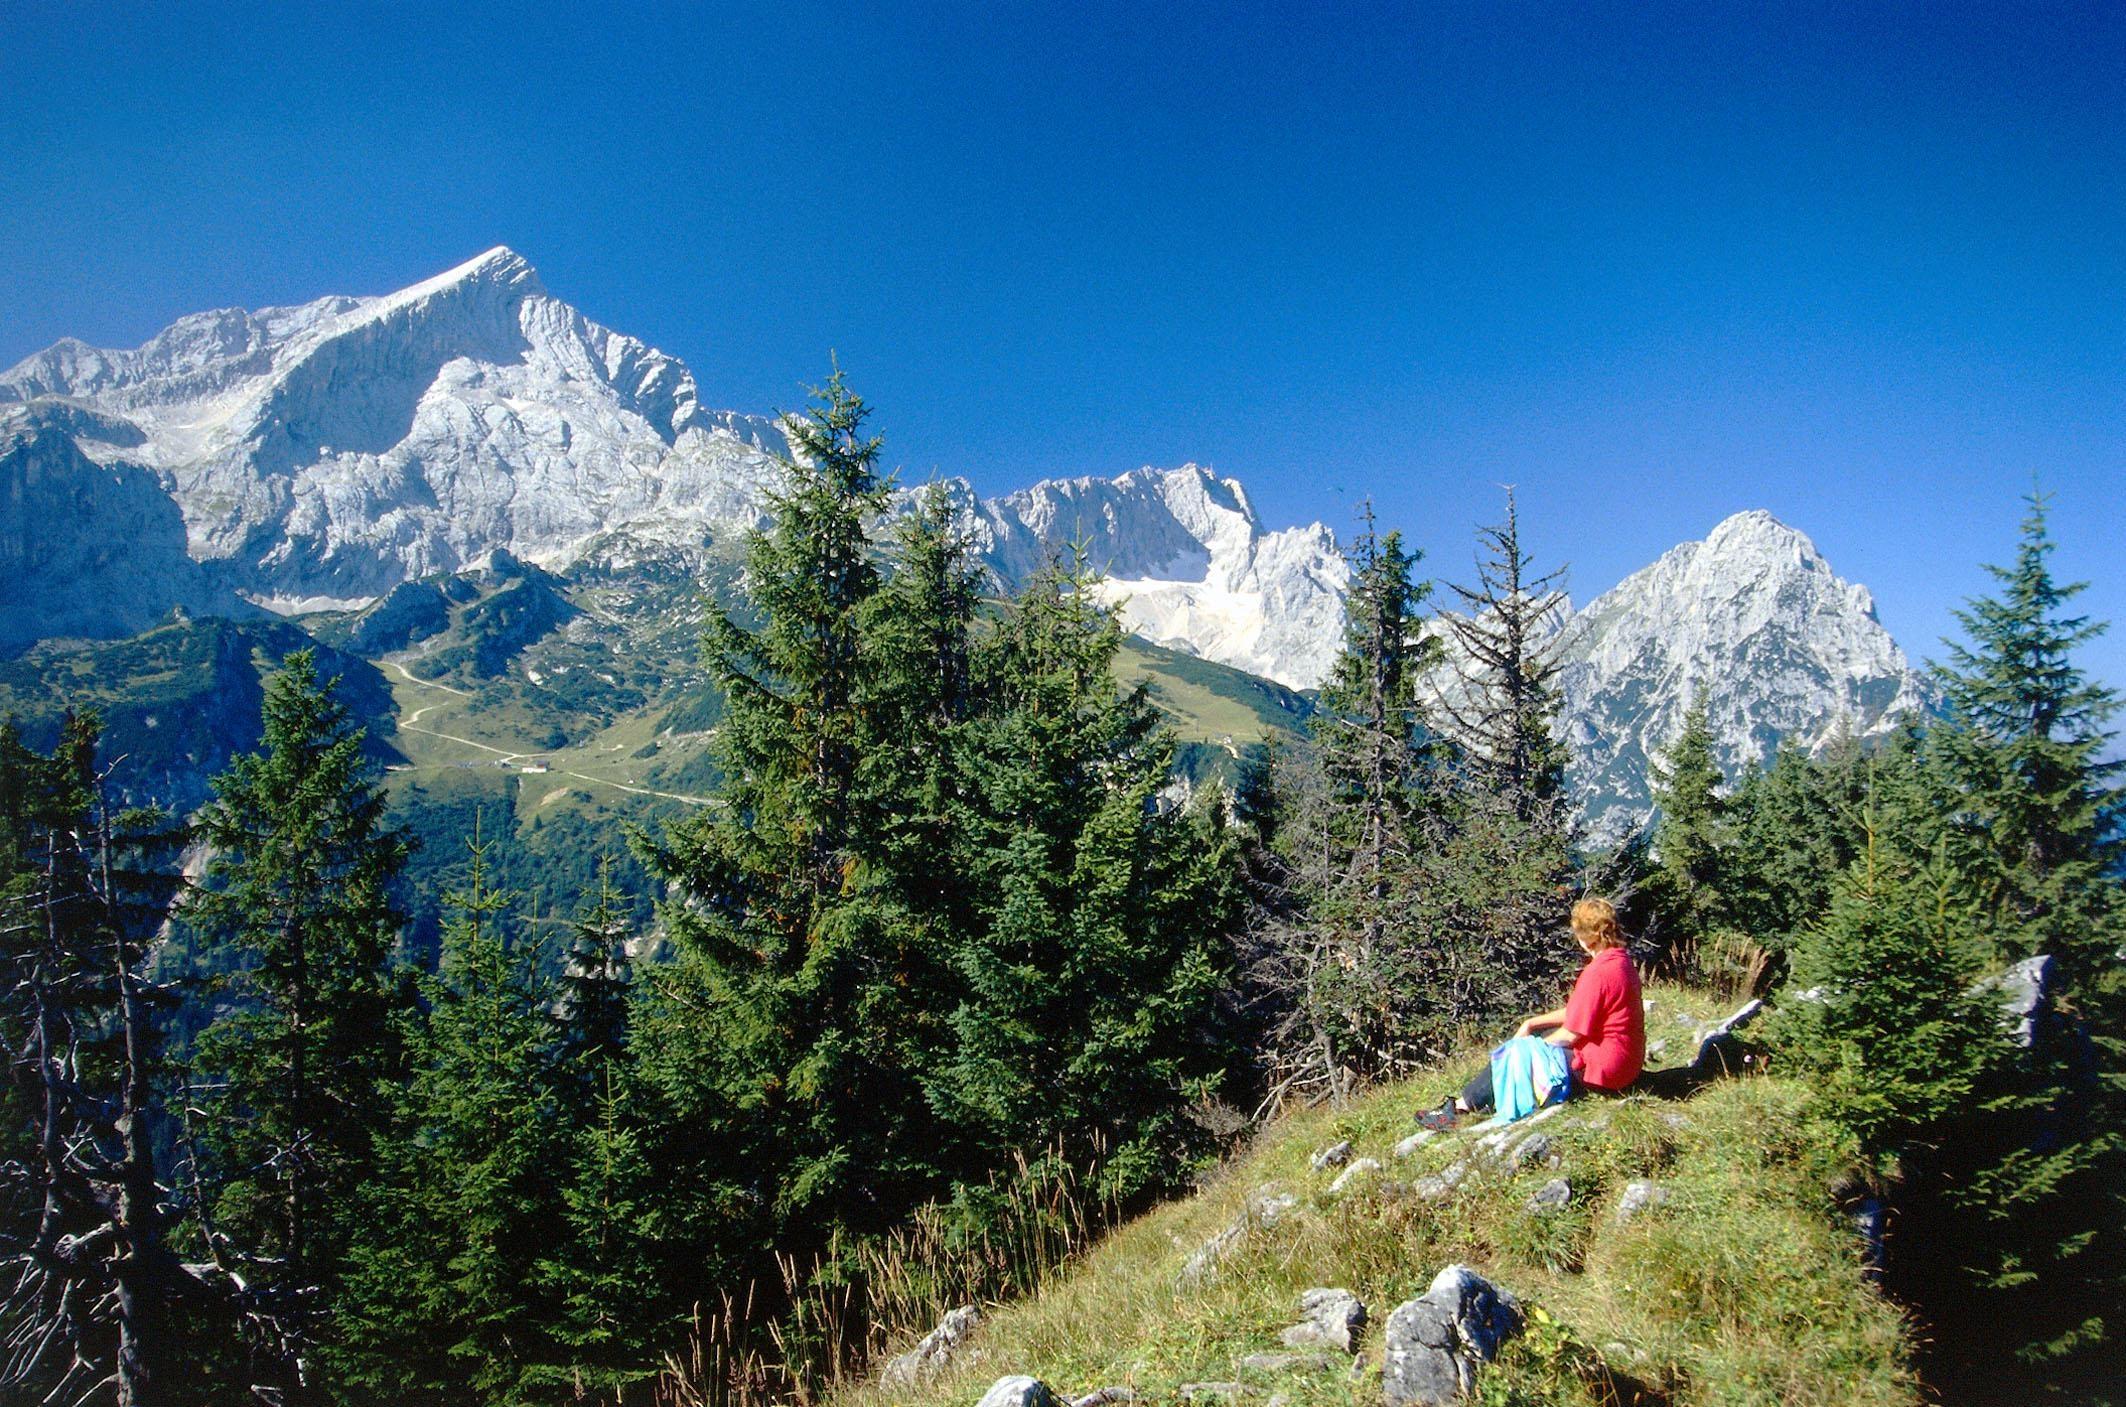 8-daagse wandelvakantie Der Tiroler Weg